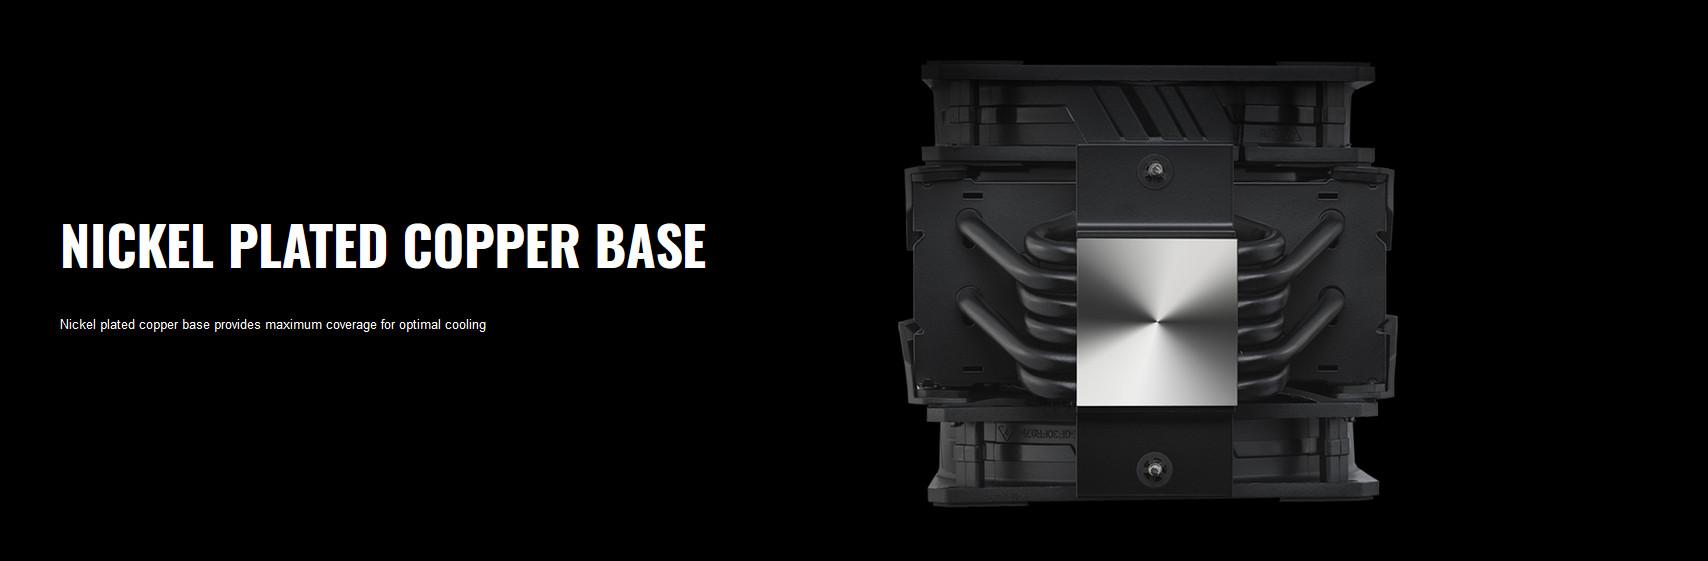 Tản nhiệt khí Cooler Master MasterAir MA612 Stealth với bề mặt tiếp xúc đồng mạ nickel phẳng - hấp thụ nhiệt nhanh chóng